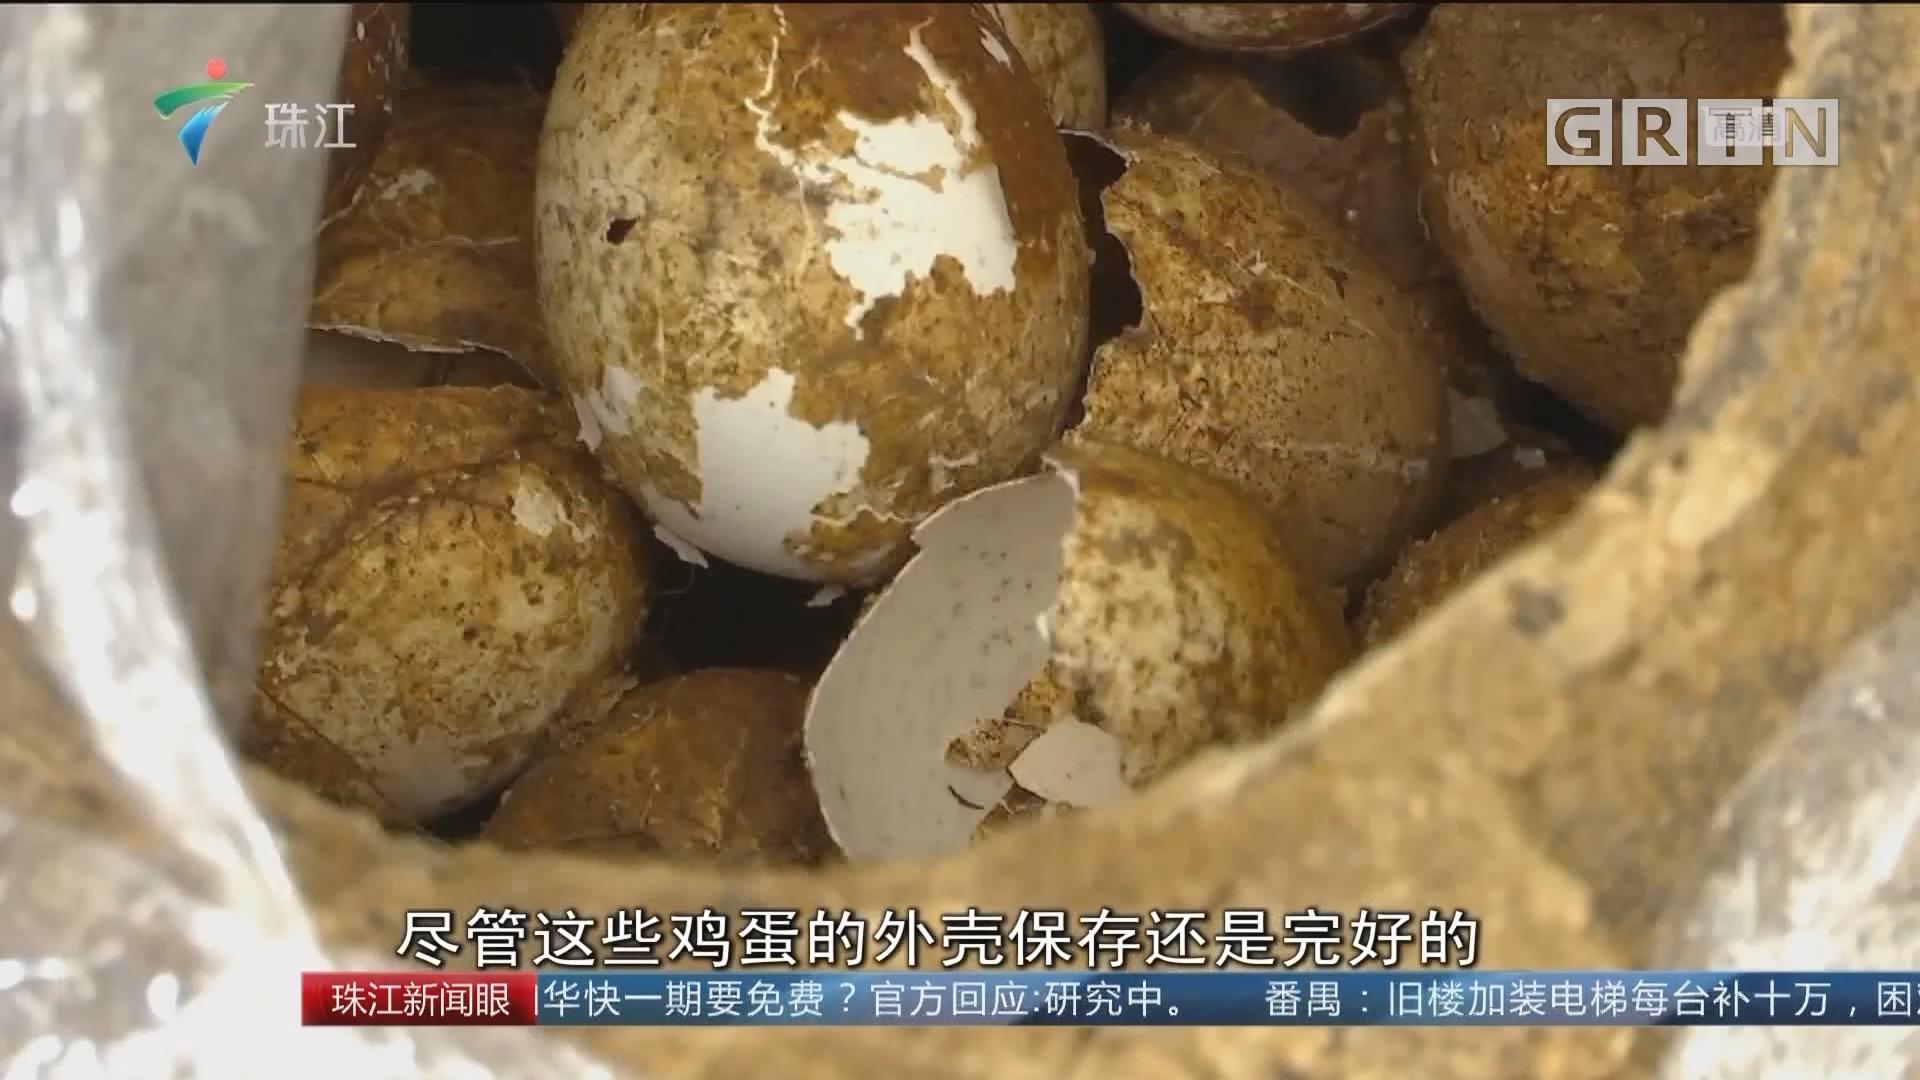 江苏:春秋古墓出土2500年前鸡蛋